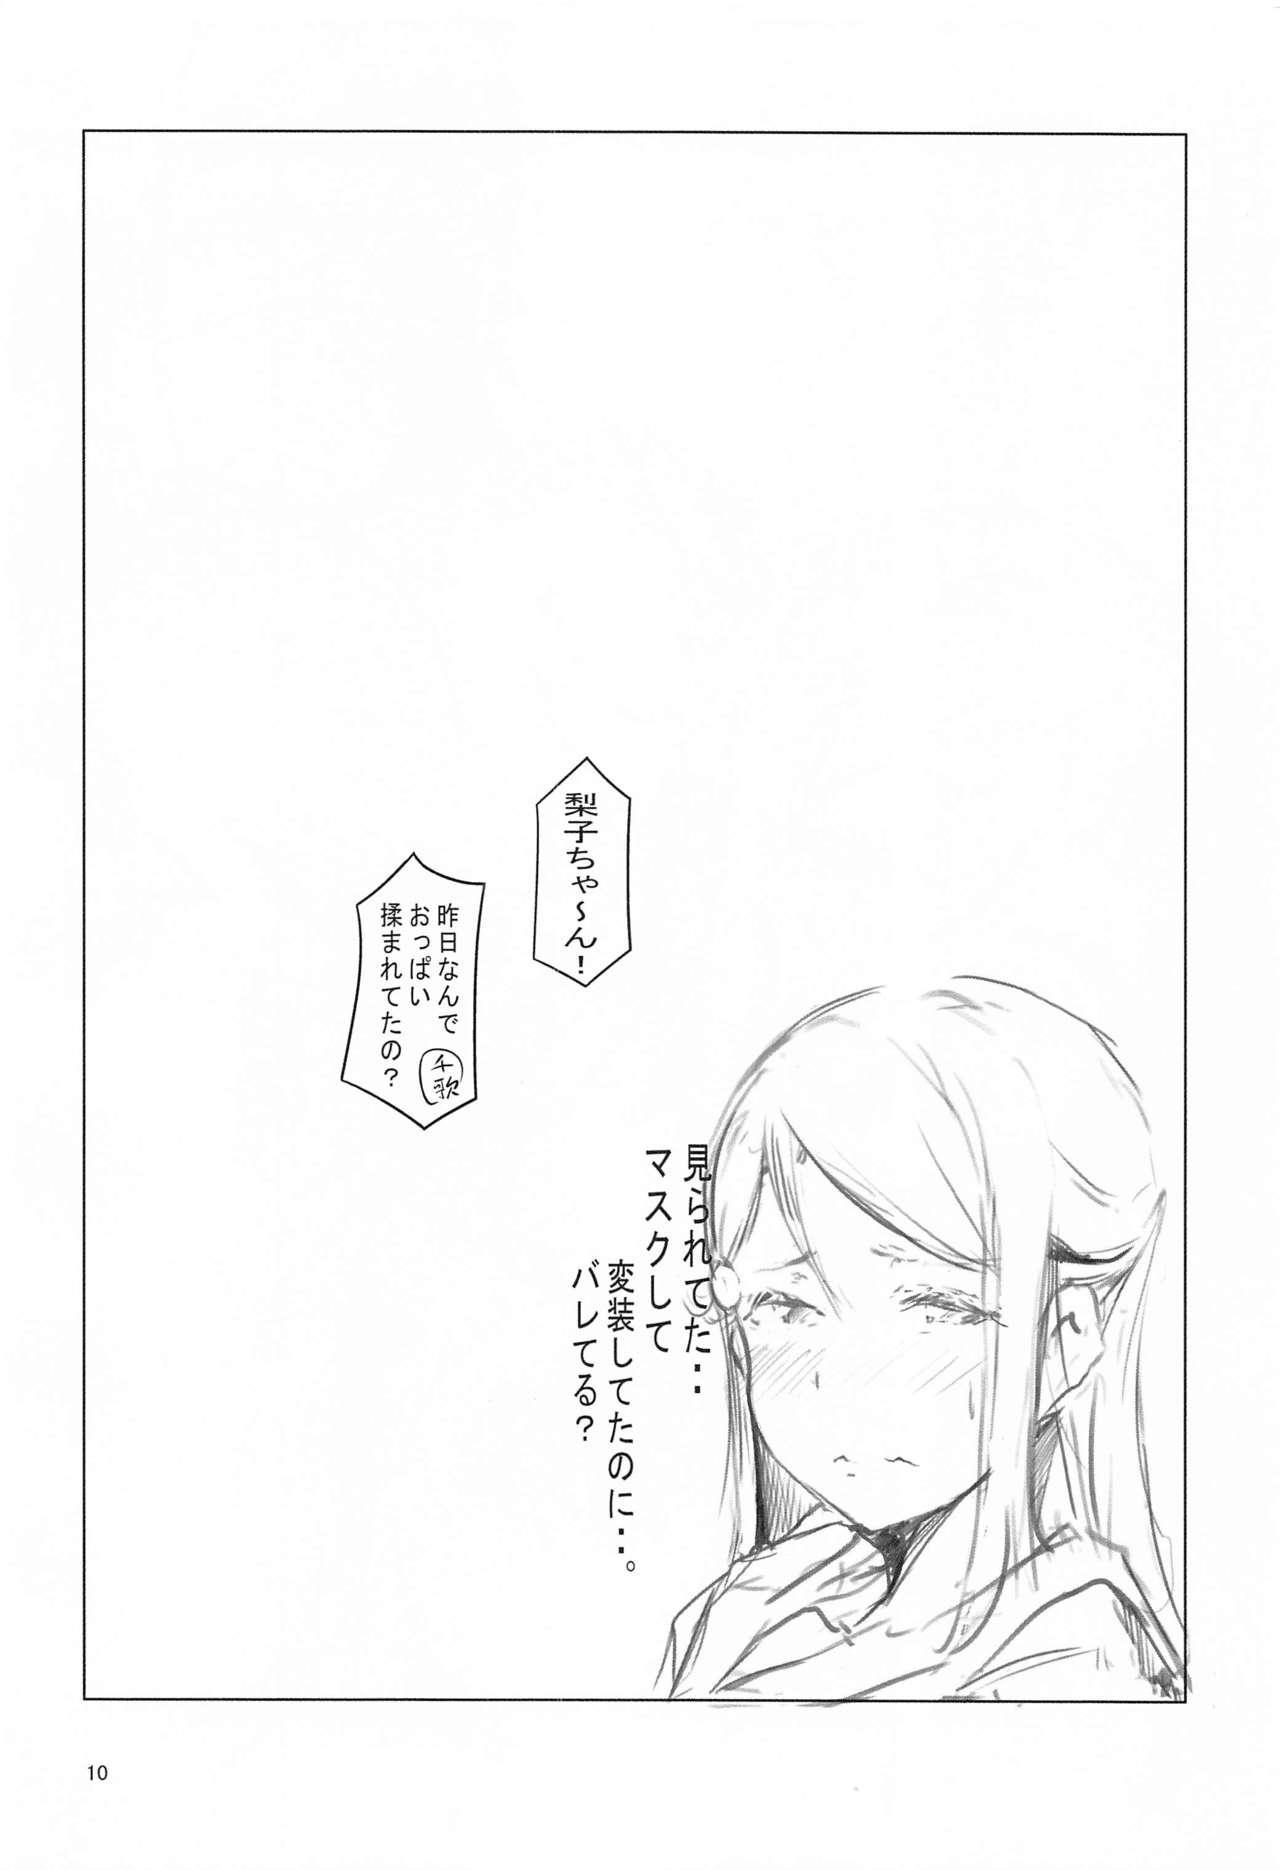 Nashigo to Issho ni Yaritai 7-tsu no Koto. 10